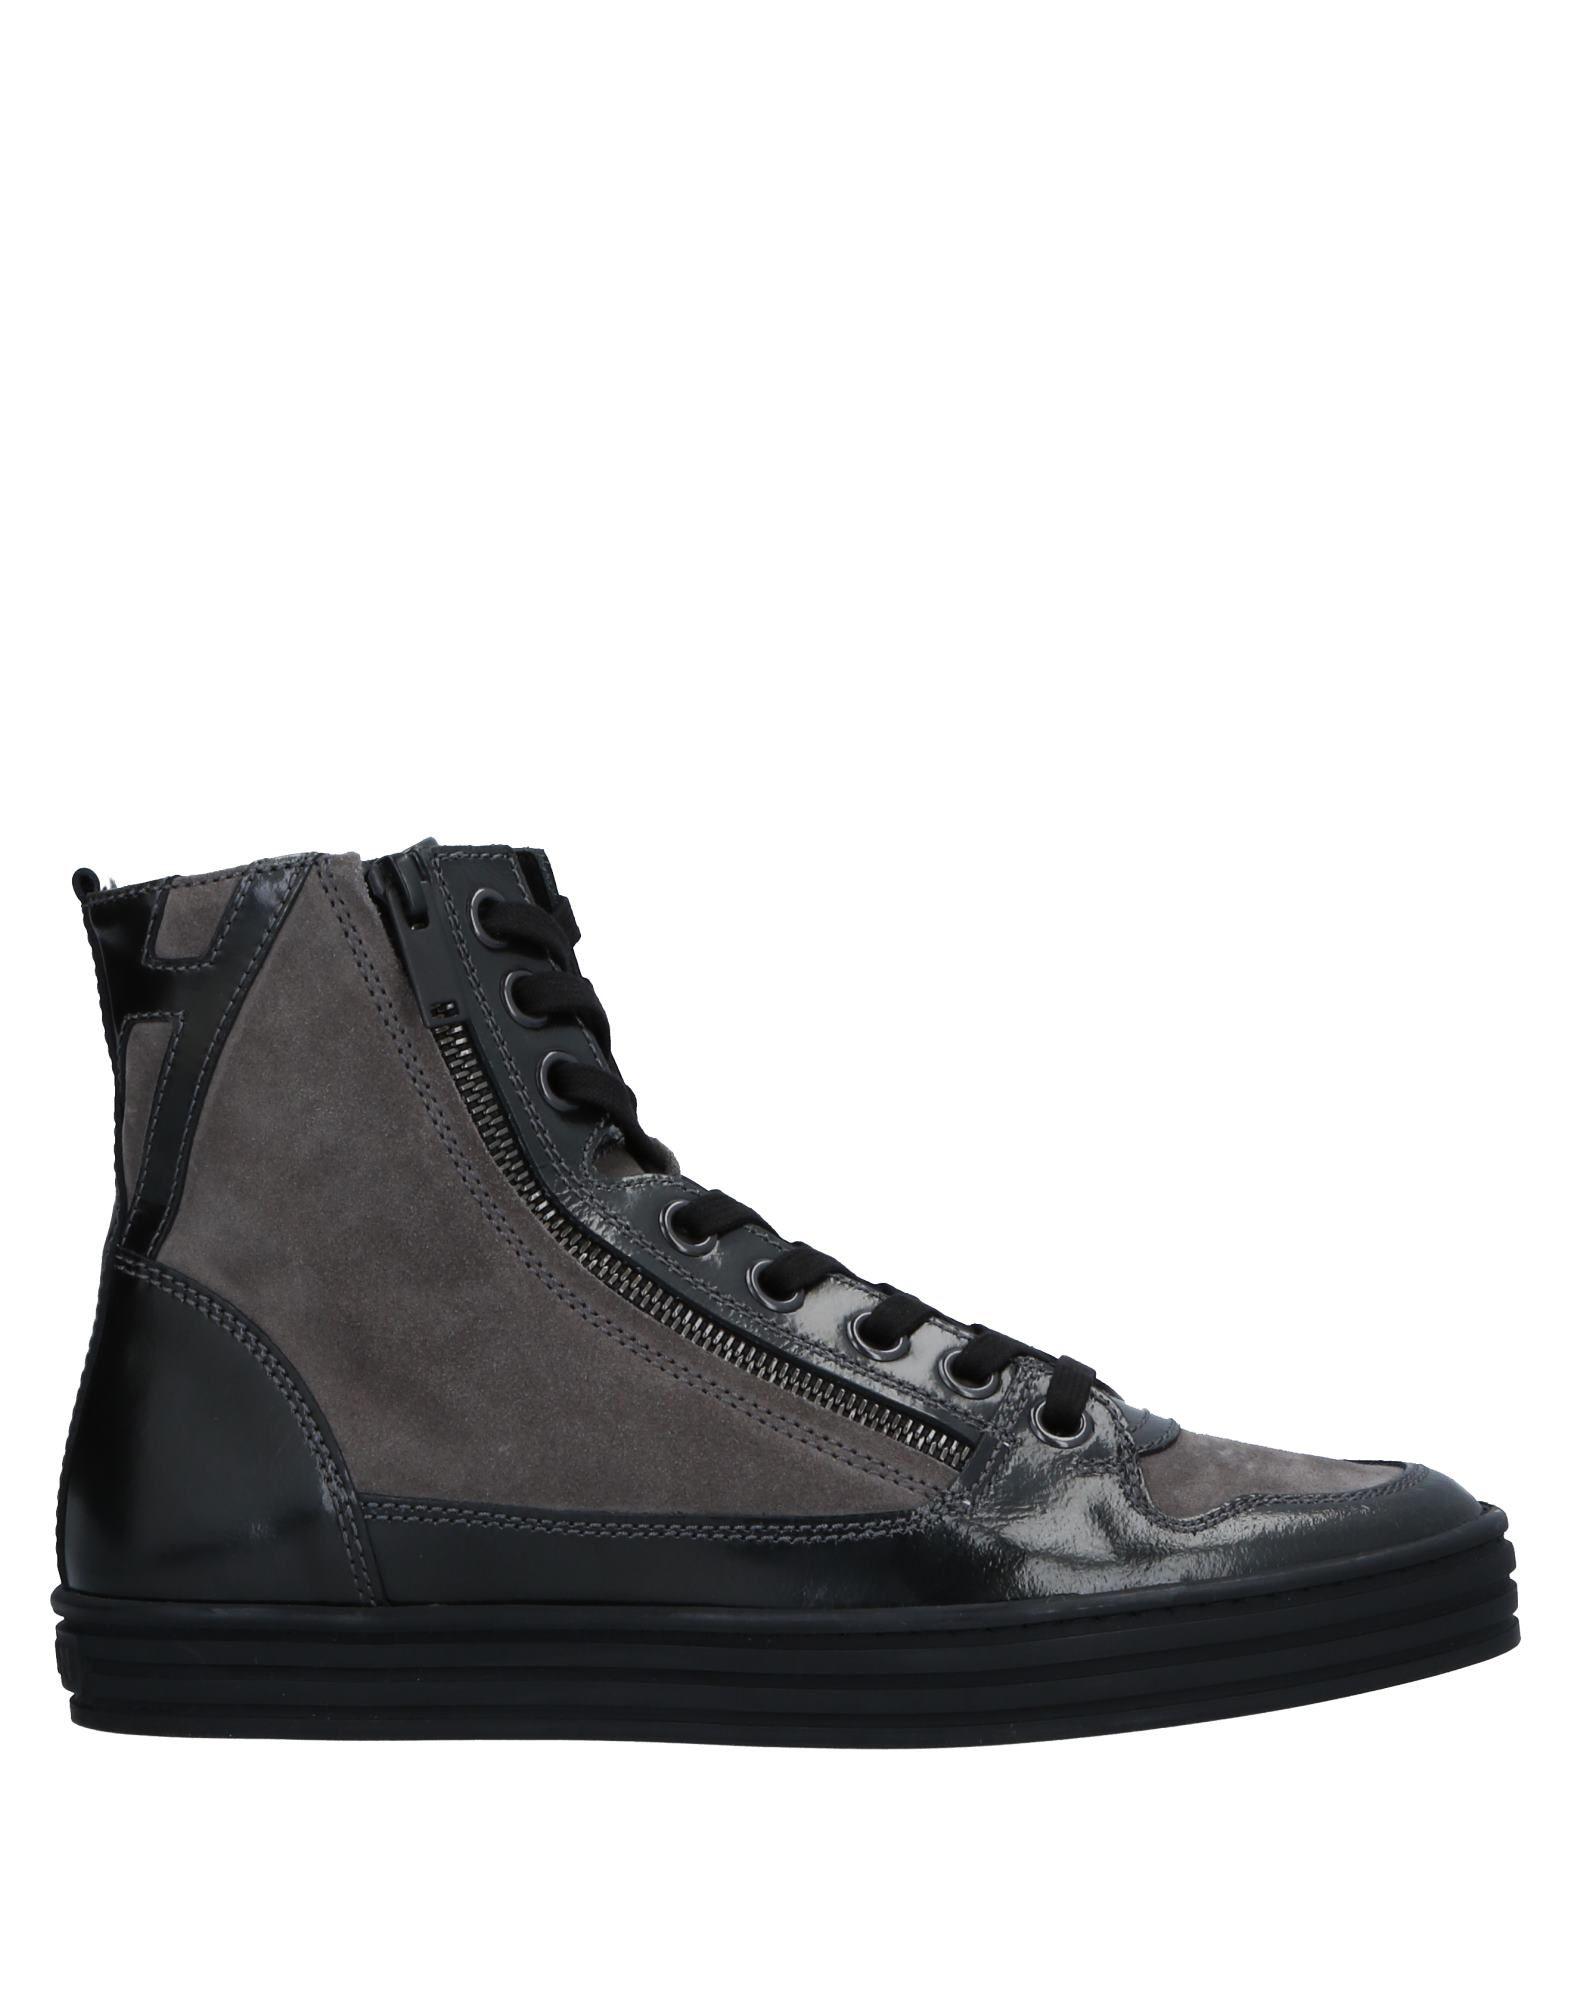 Hogan Gute Sneakers Herren  11542053EM Gute Hogan Qualität beliebte Schuhe 49700b